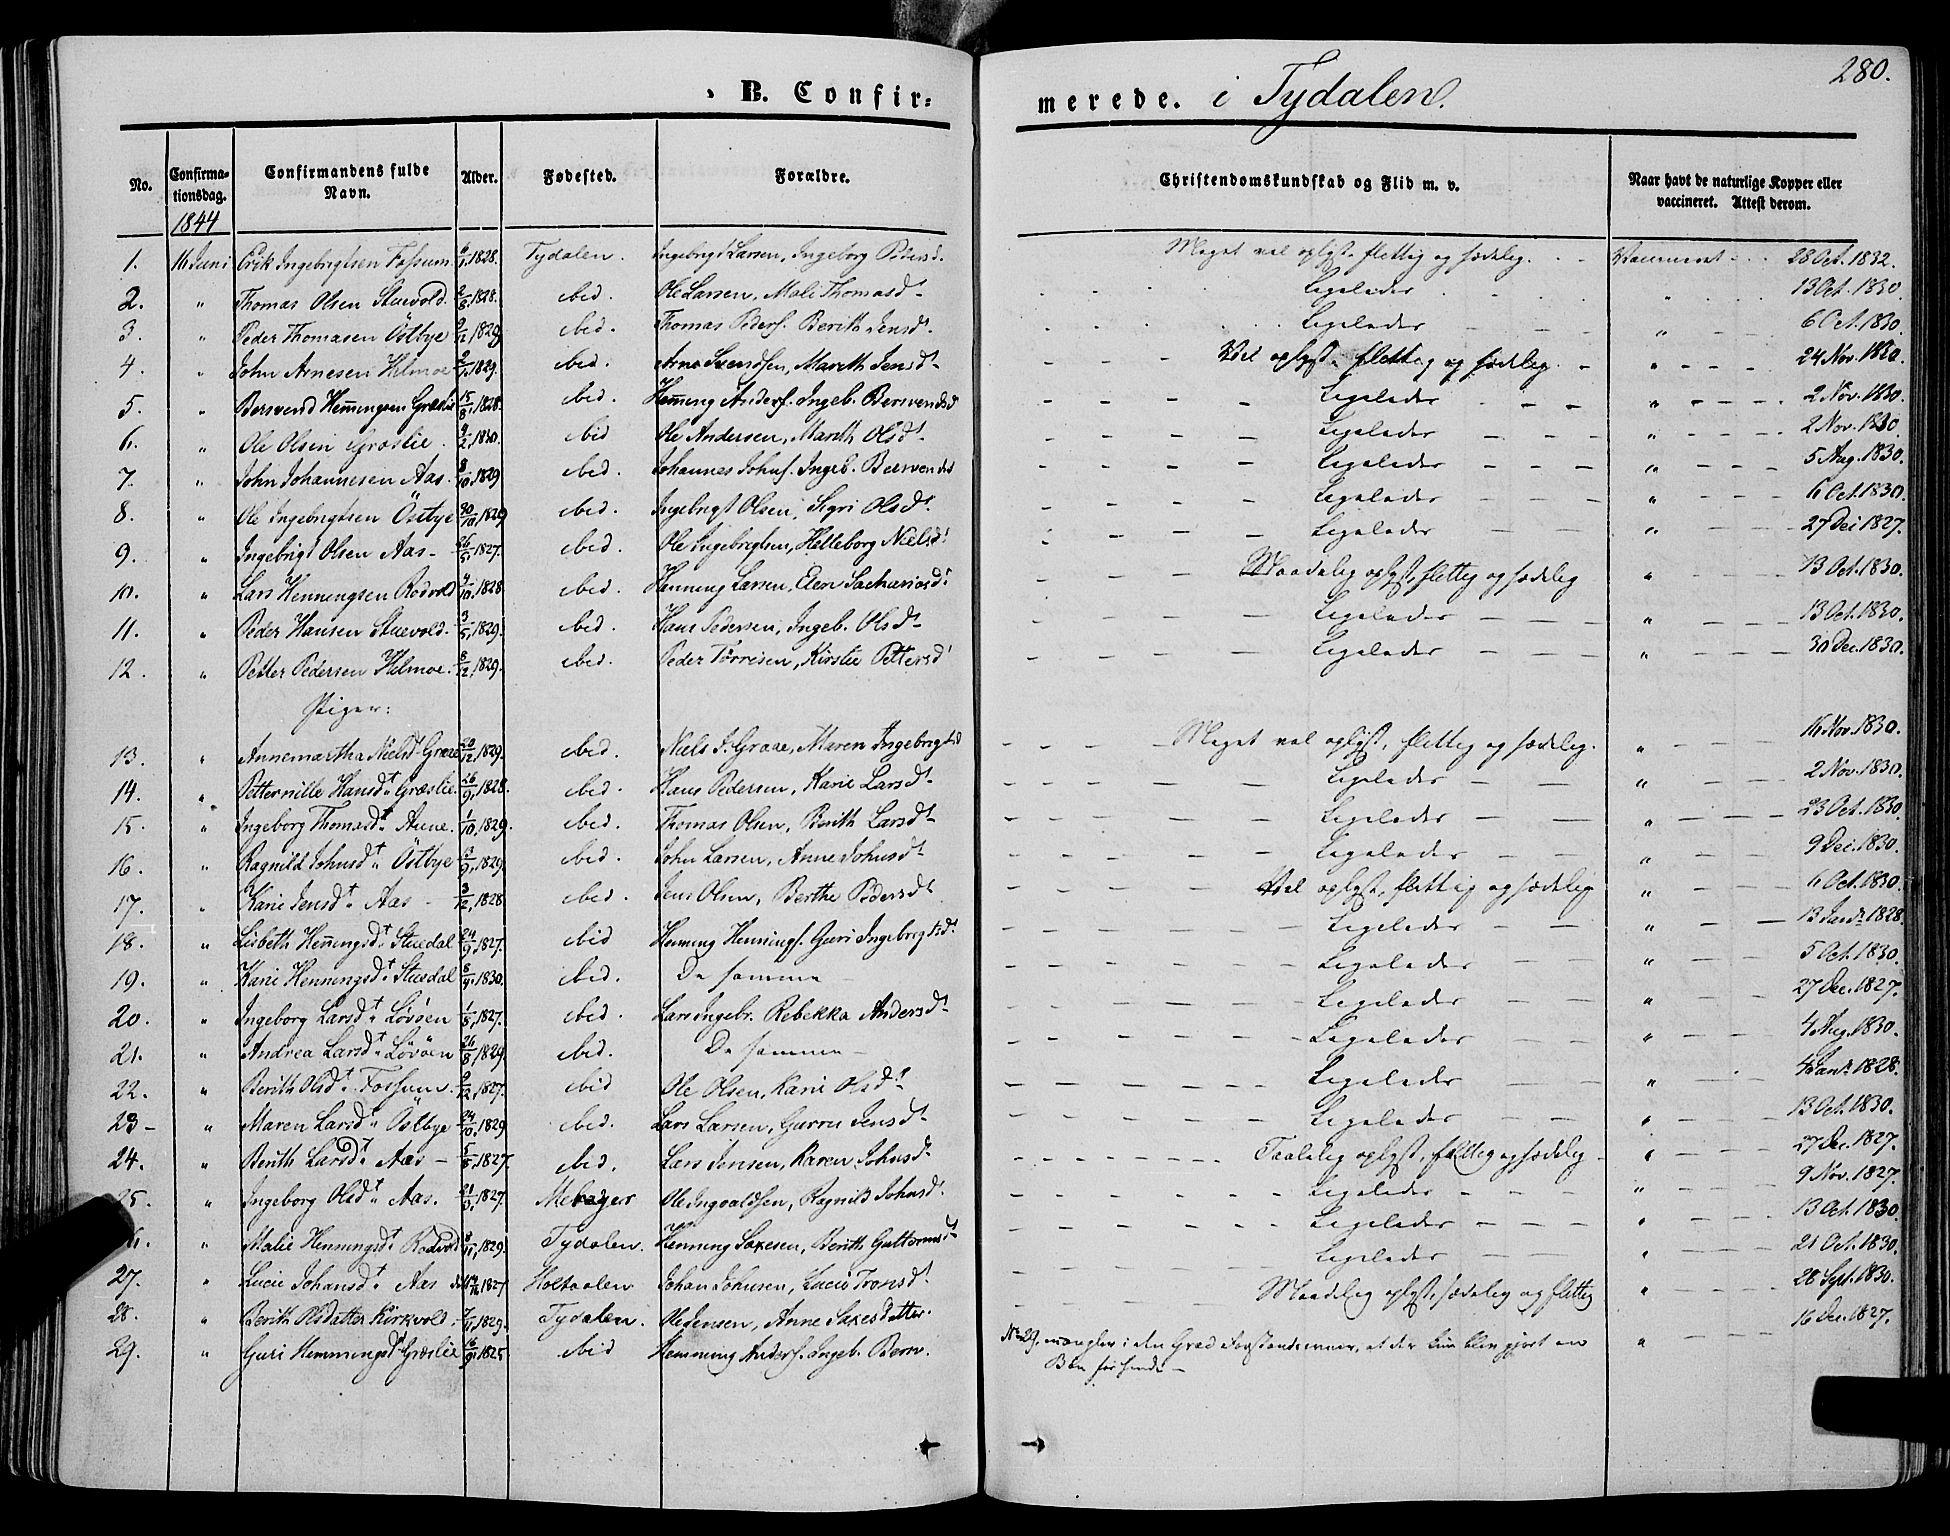 SAT, Ministerialprotokoller, klokkerbøker og fødselsregistre - Sør-Trøndelag, 695/L1146: Ministerialbok nr. 695A06 /2, 1843-1859, s. 280